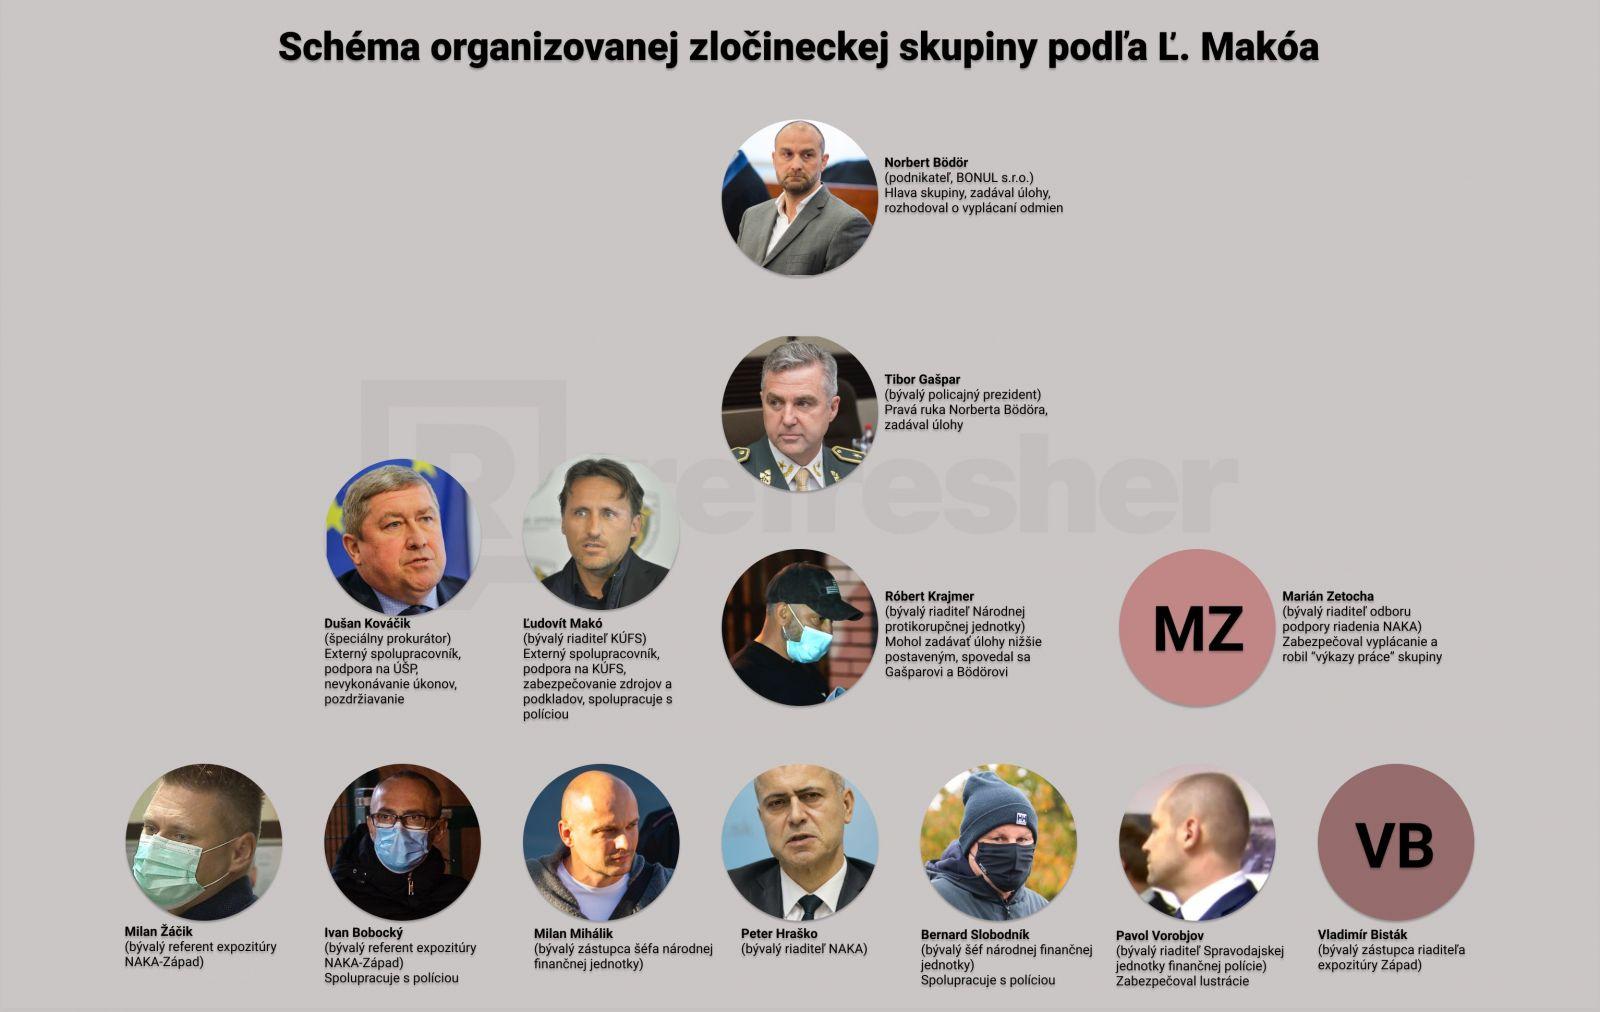 Erik Tomáš mal Ficovi pred voľbami v roku 2016 pomáhať zdiskreditovať Matoviča, tvrdí kajúcnik. Zapojiť sa mal aj N. Bödör